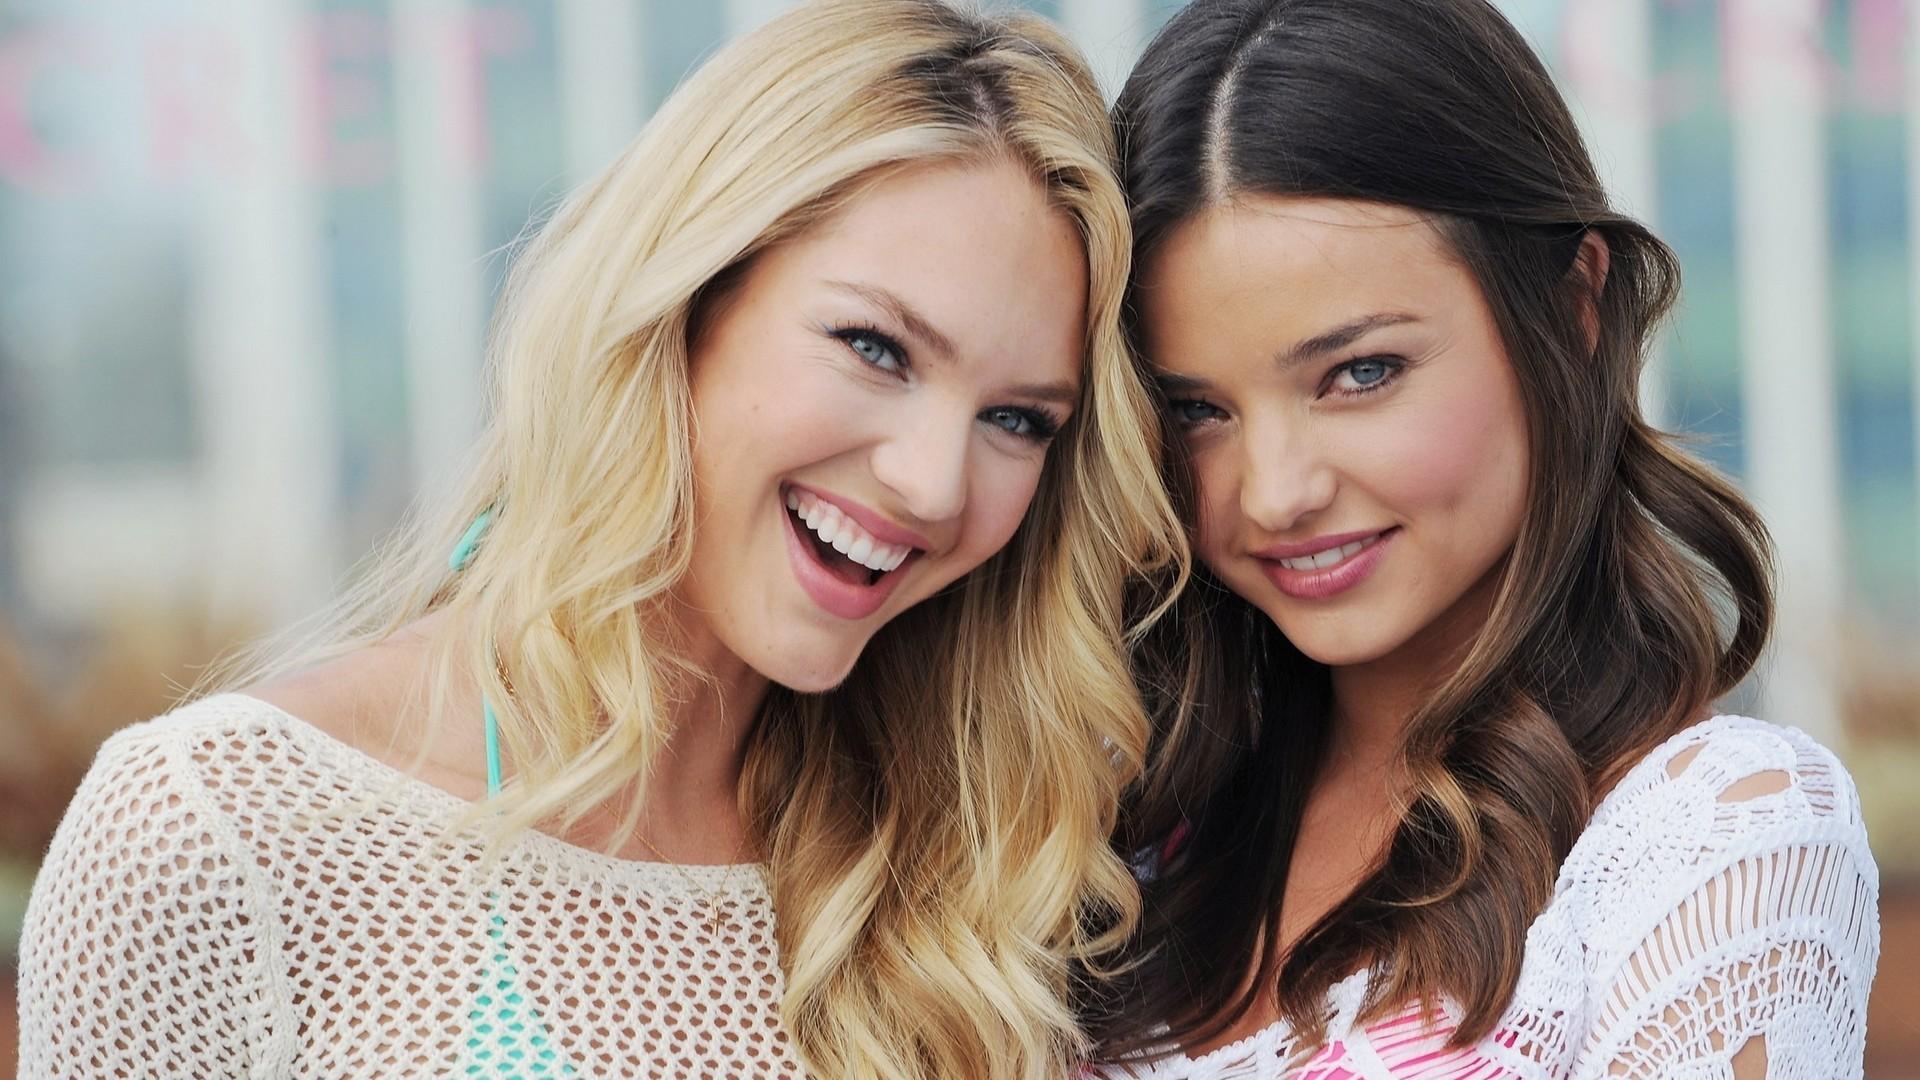 картинки девушек брюнеток и блондинок стоит сказать